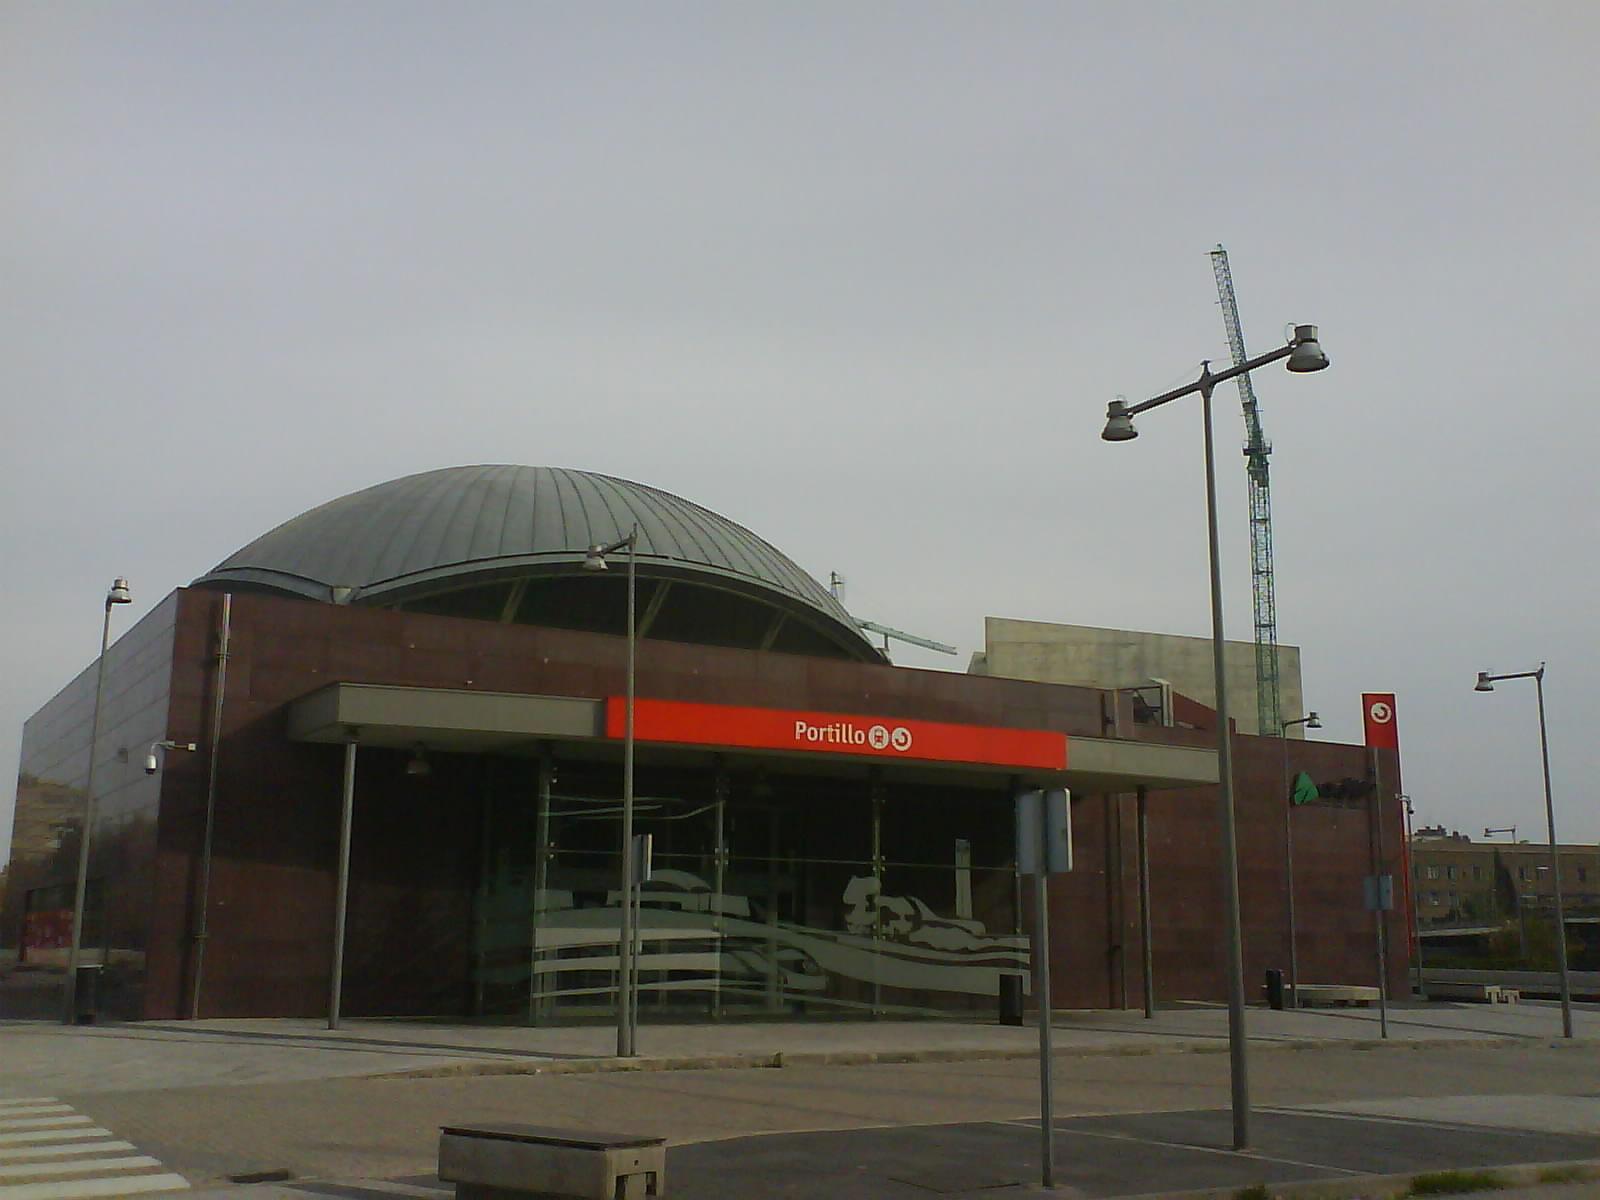 nueva estación de cercanías el Portillo Zaragoza